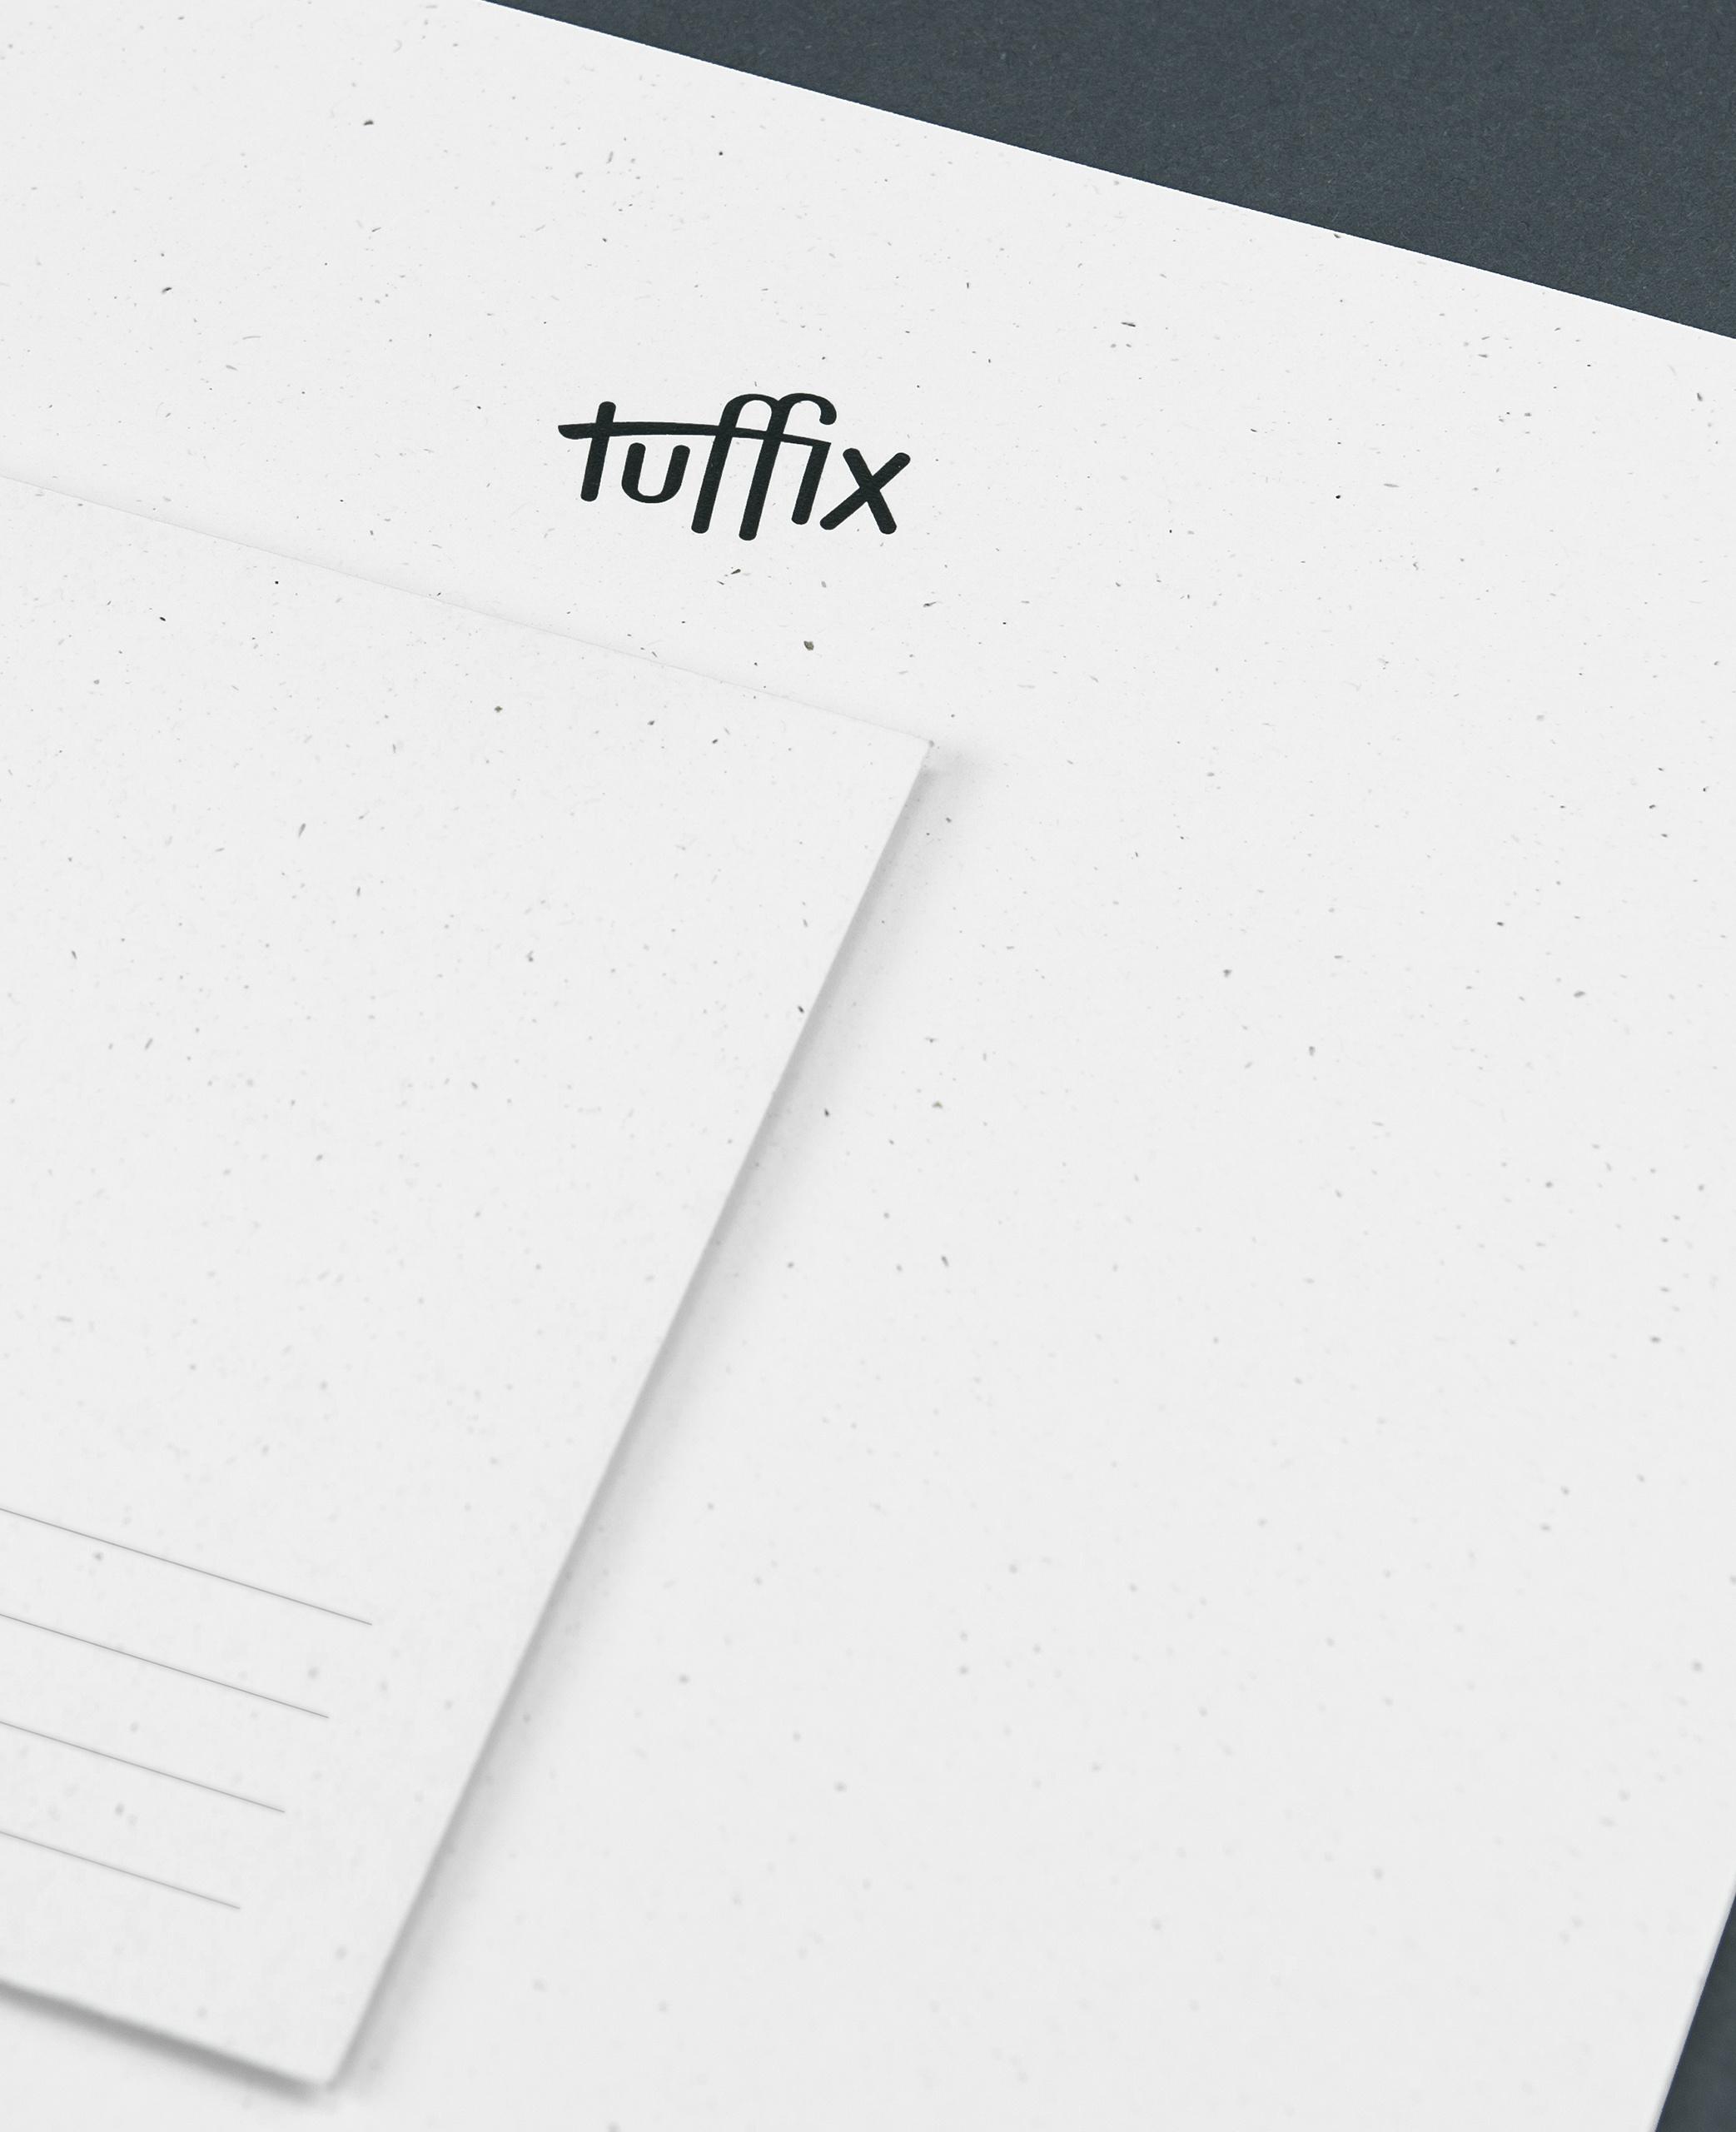 Tuffix stationery